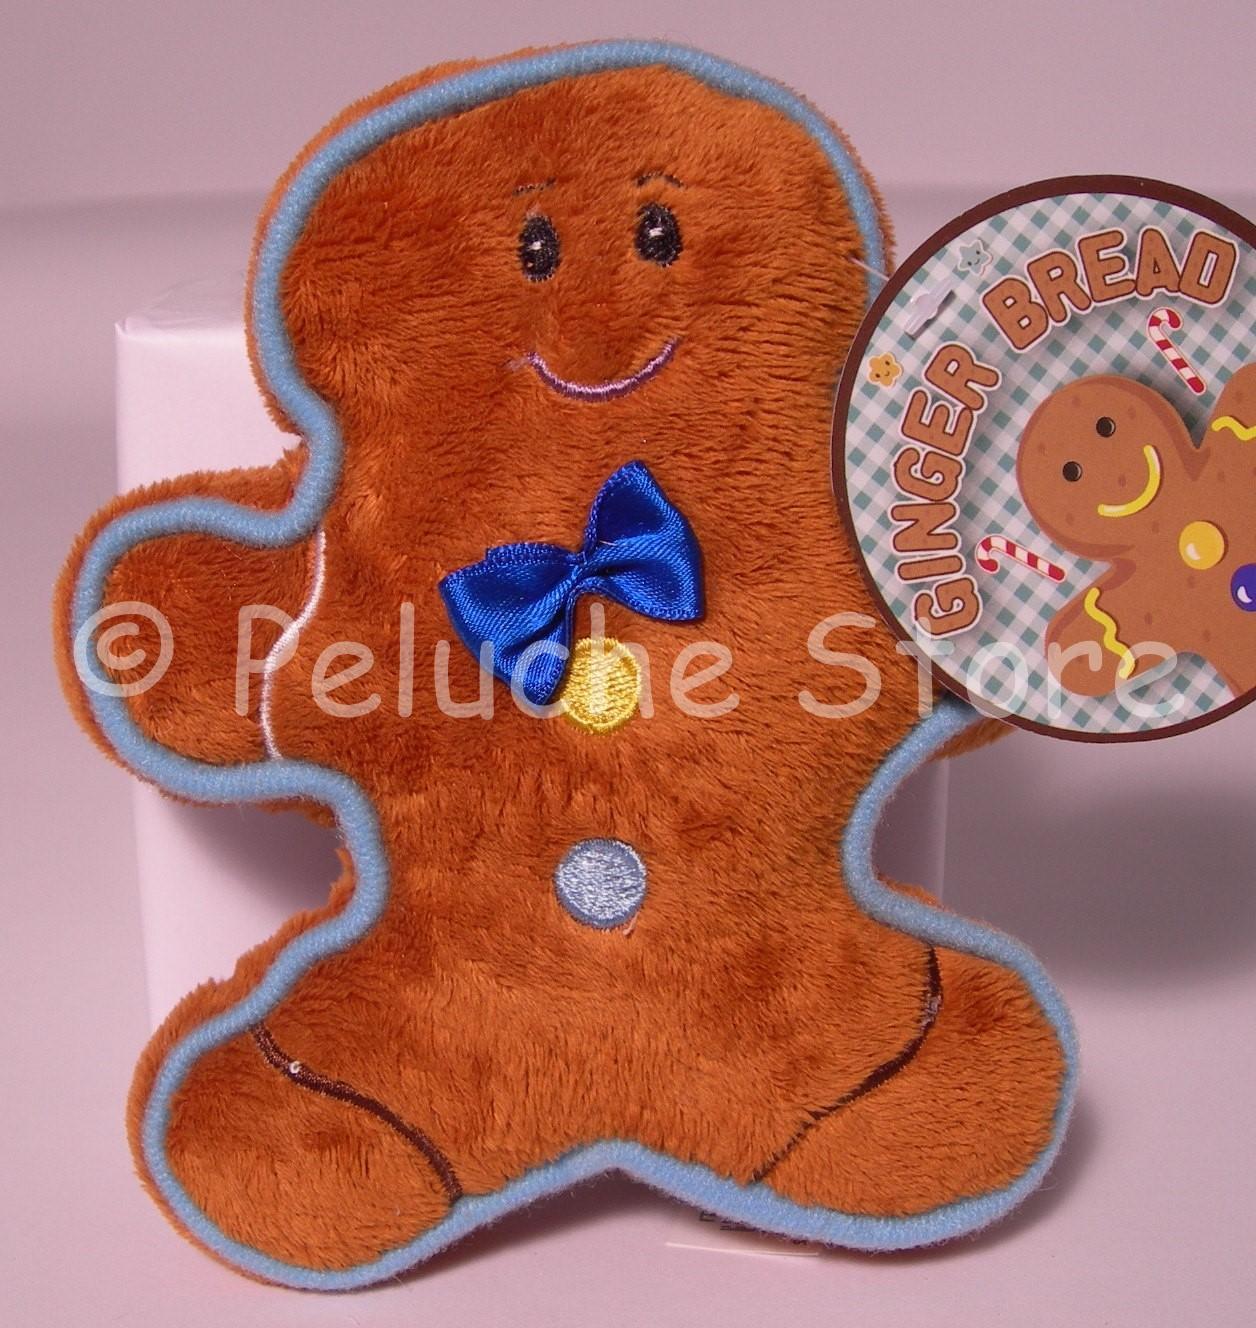 Ginger Bread omino pan di zenzero biscottino peluche 15 cm velluto